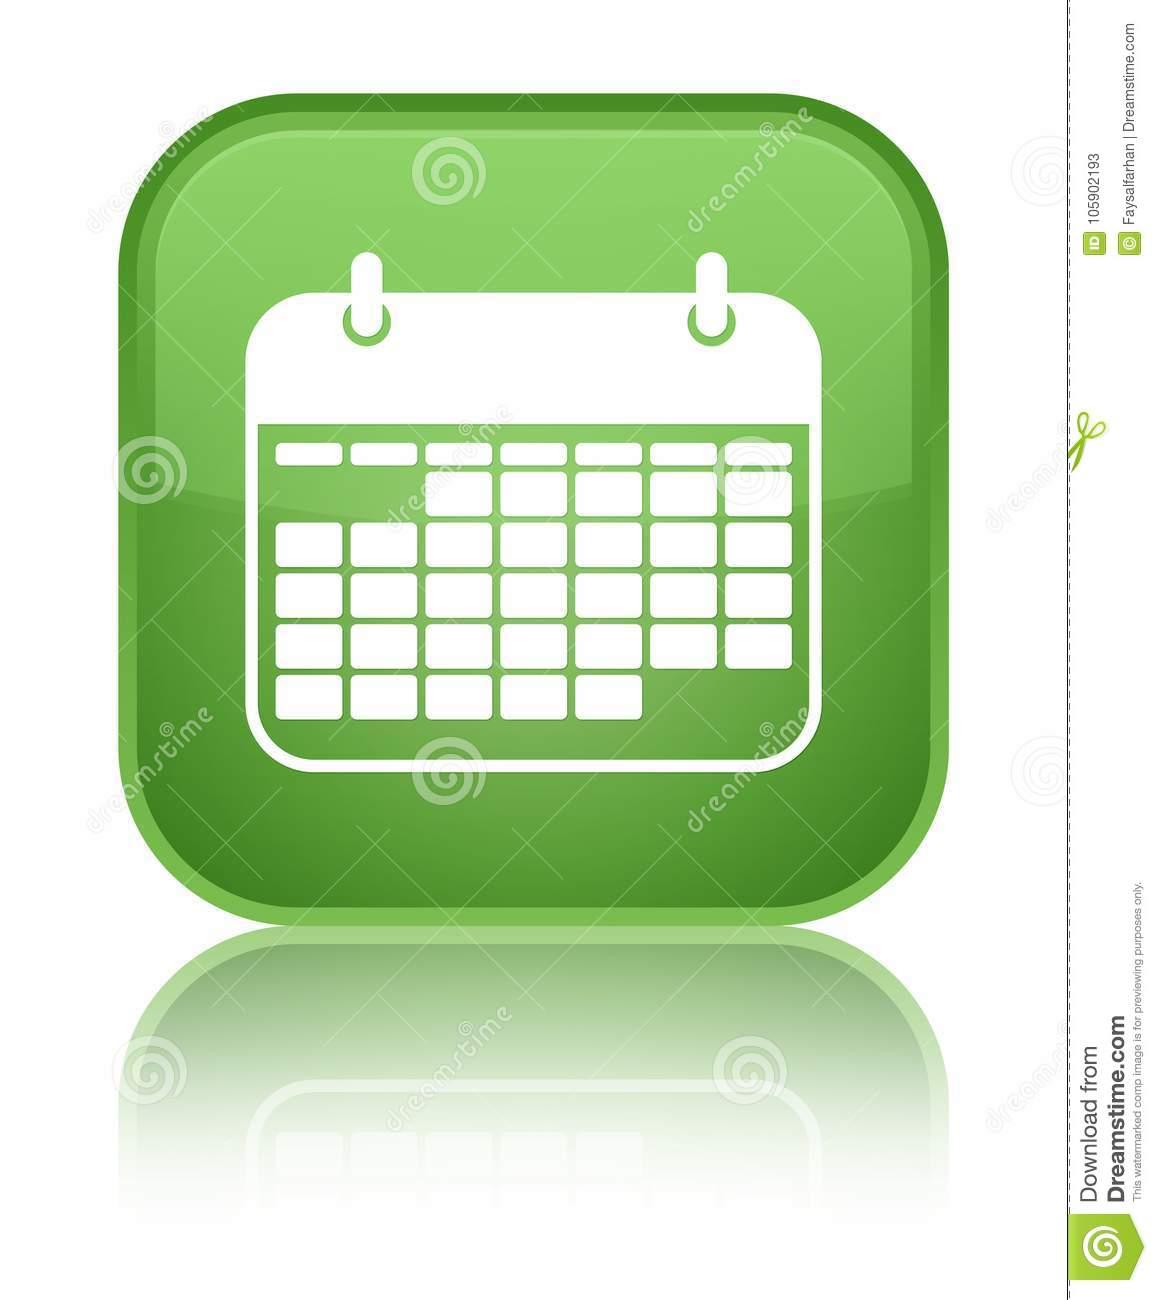 Calendar Icon Special Soft Green Square Button Stock with regard to Calendar Icon Green